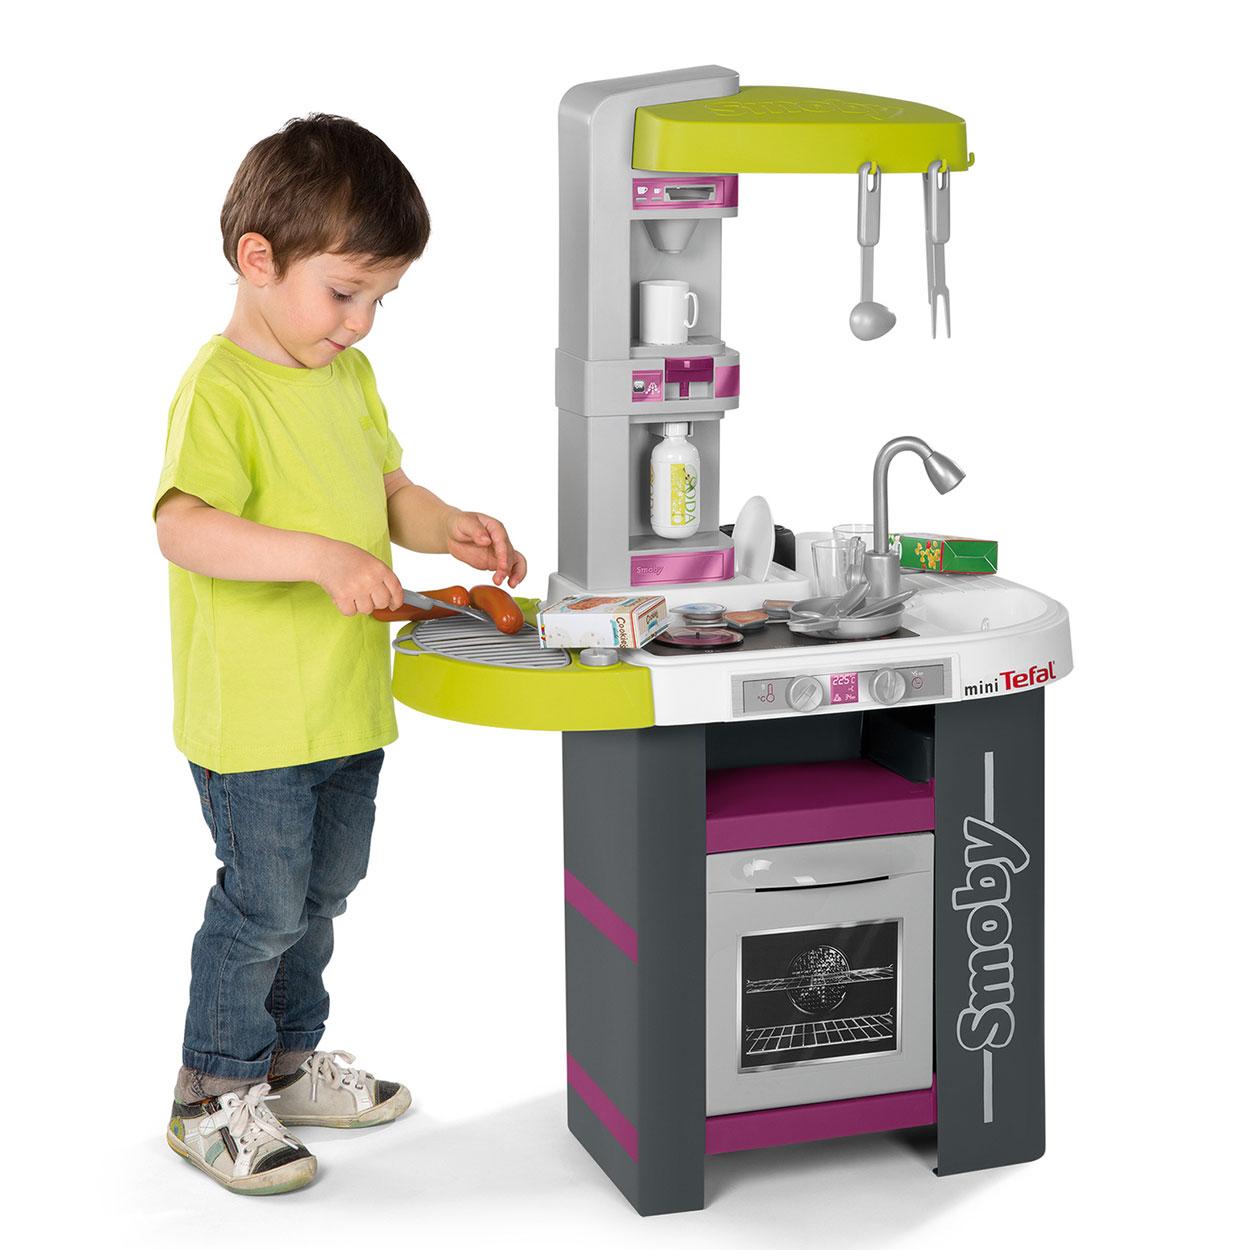 Mini keuken kinder - Mini keuken voor studio ...